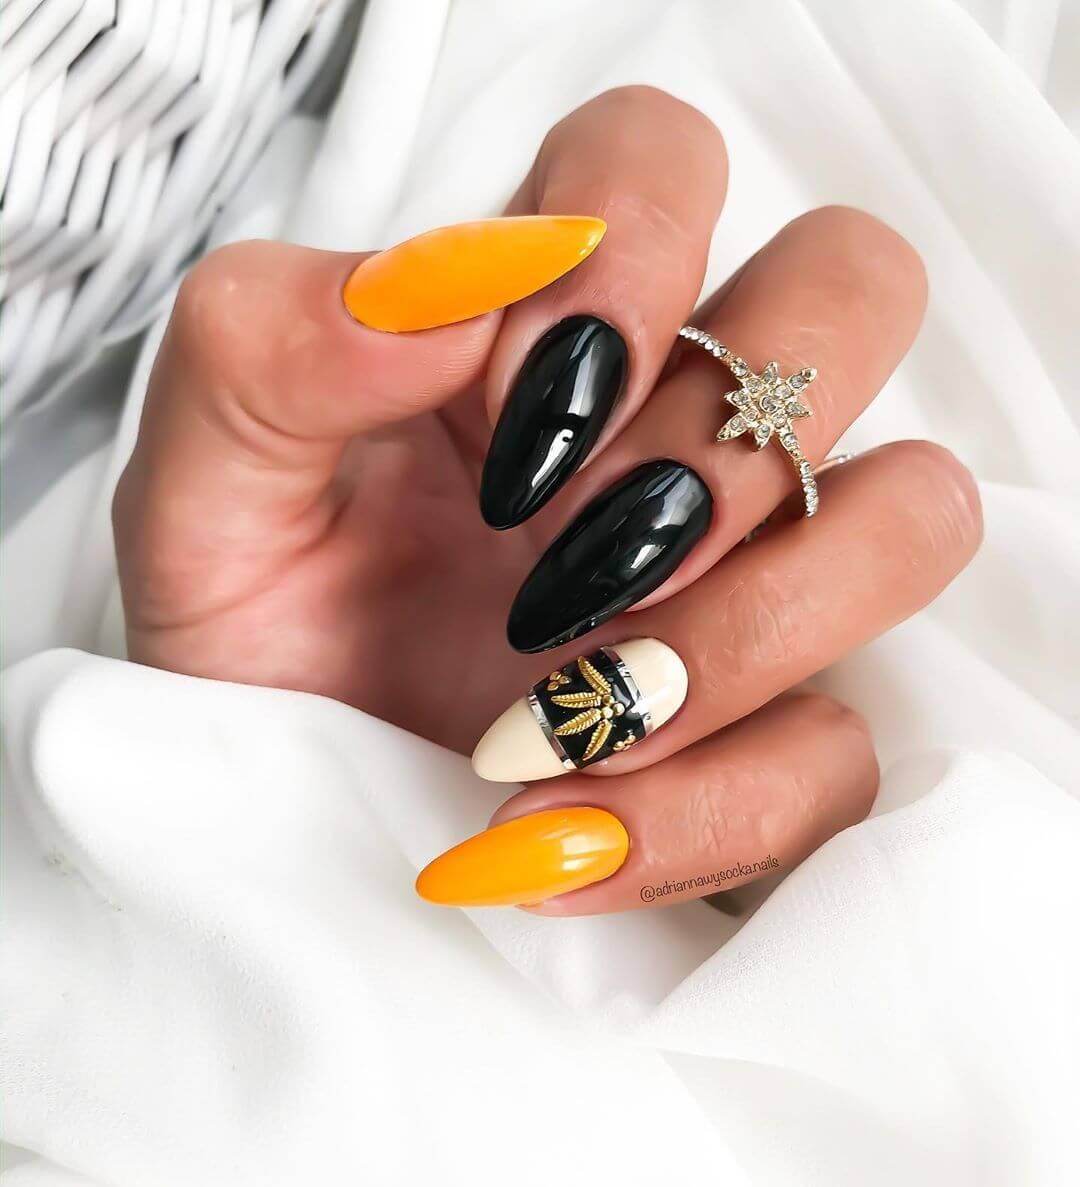 uñas decoradas amarillo mostaza con negro